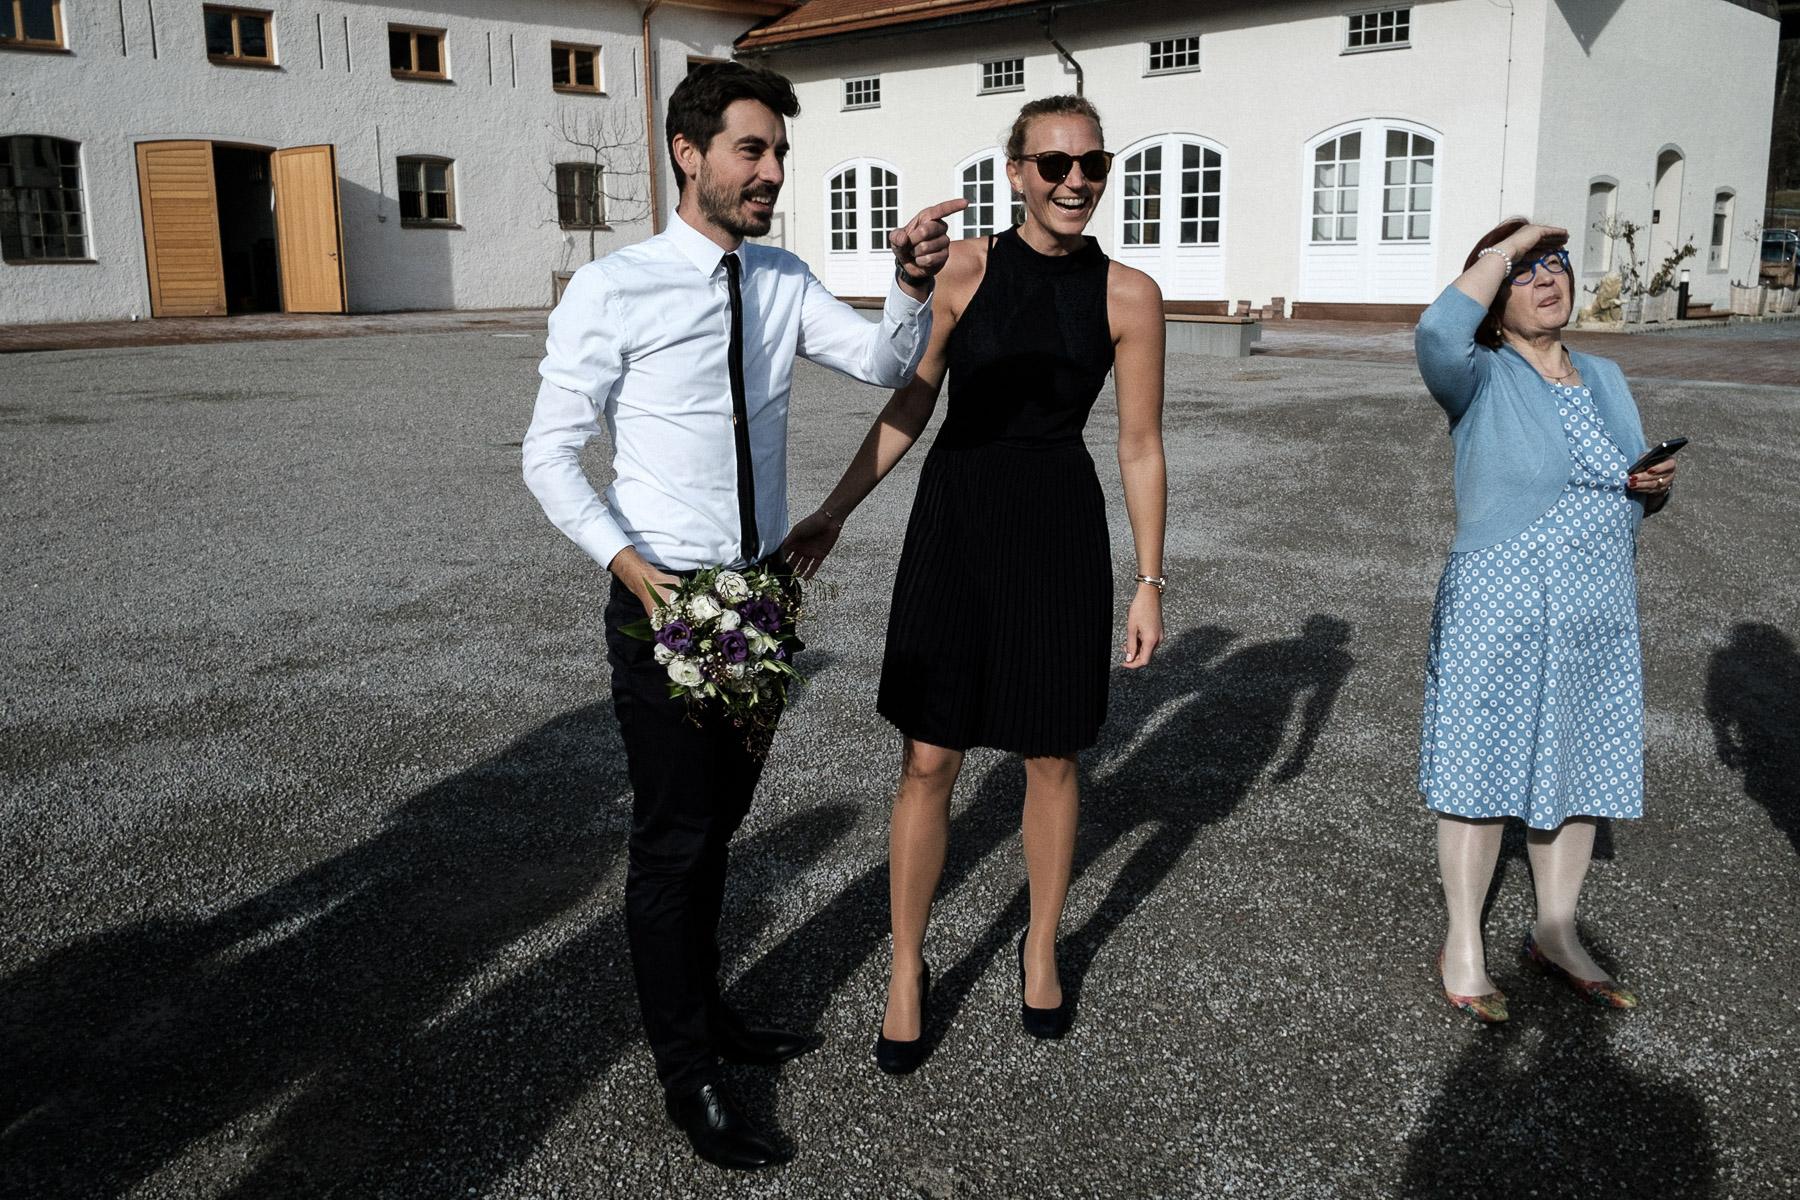 MartinLiebl_Hochzeitsfotograf_KCL_Blog_65.jpg